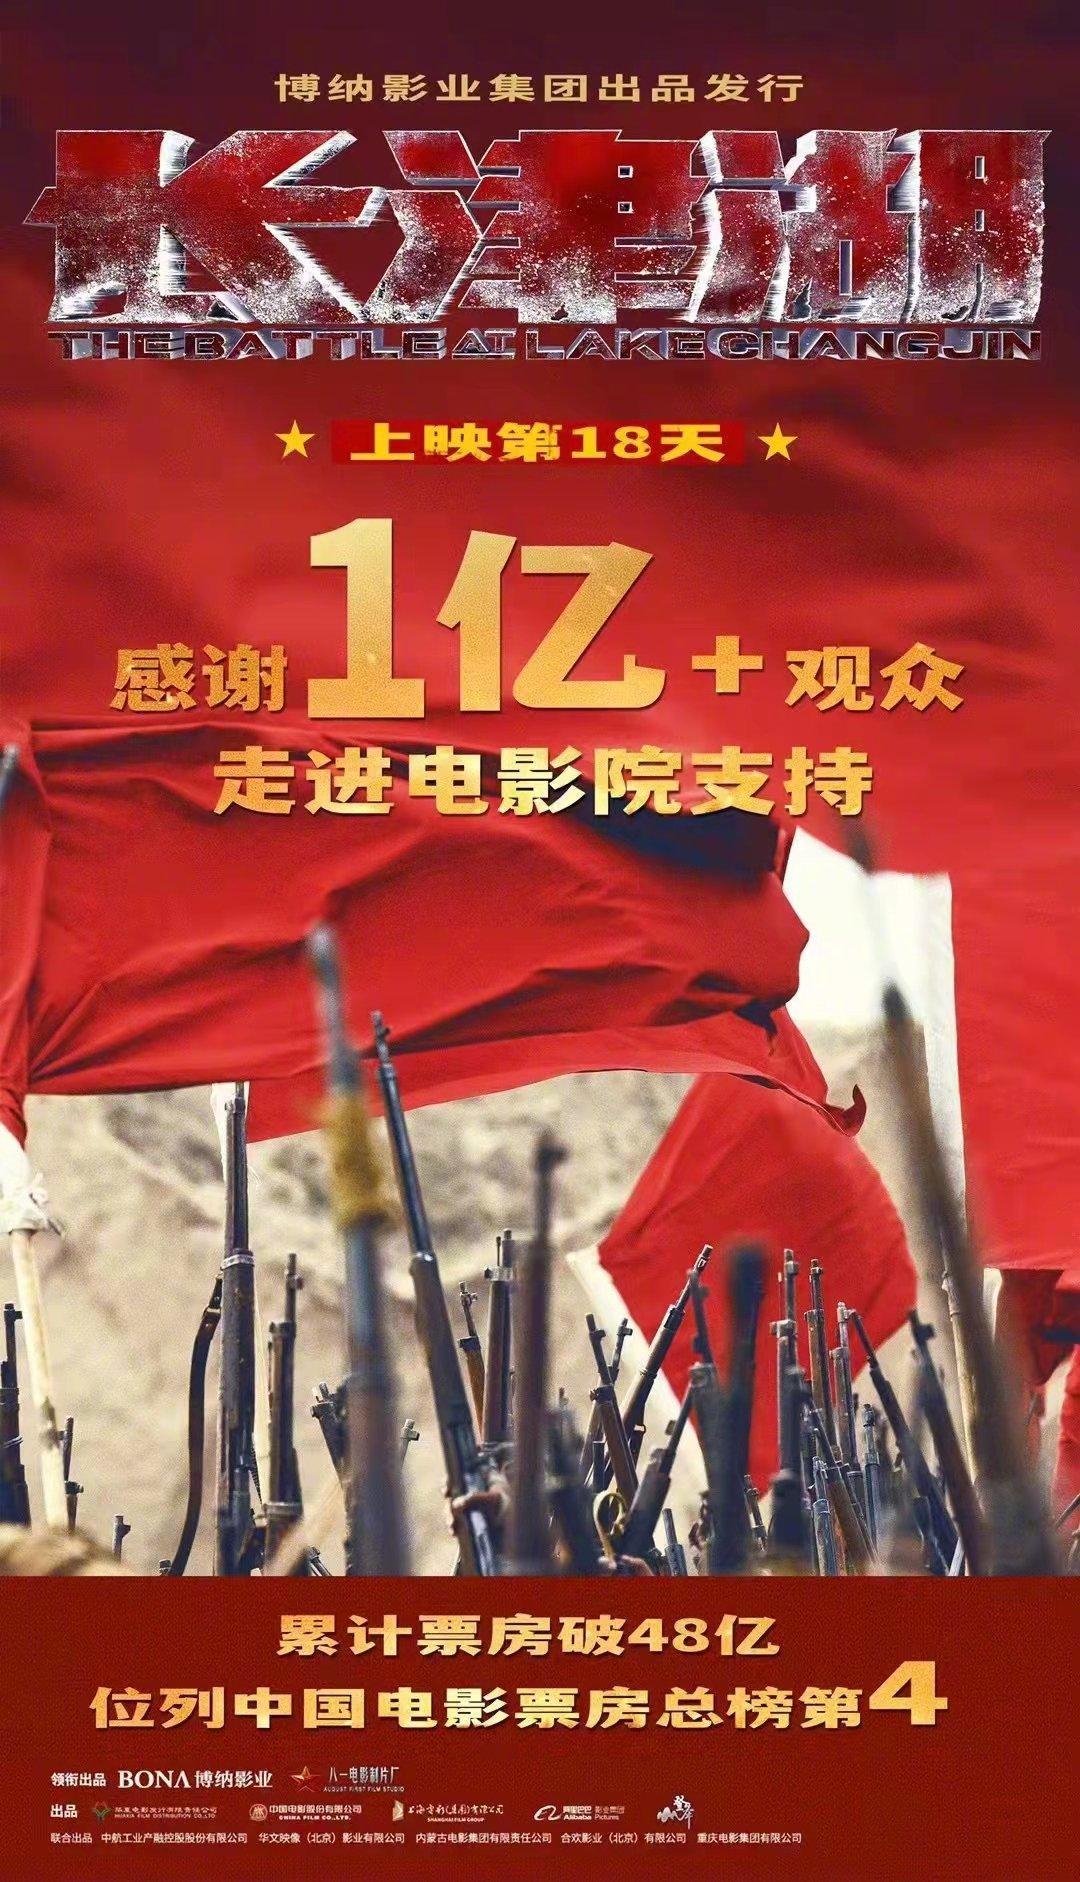 长津湖拥有超过1亿的电影观众。镜头下的过往让人流泪